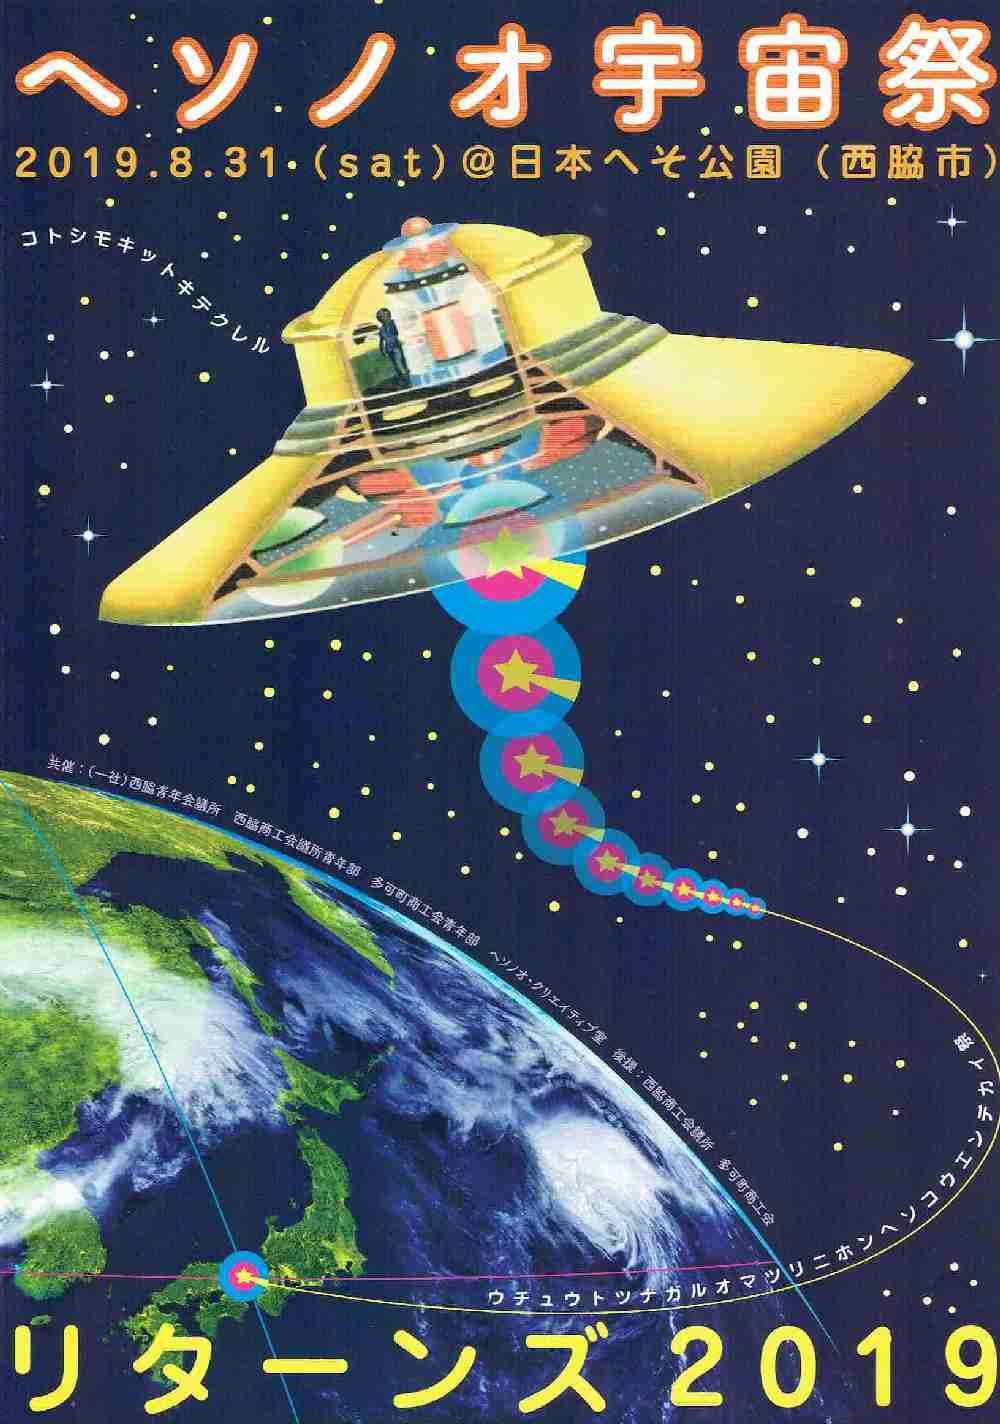 8/31 ヘソノオ宇宙祭:日本へそ公園